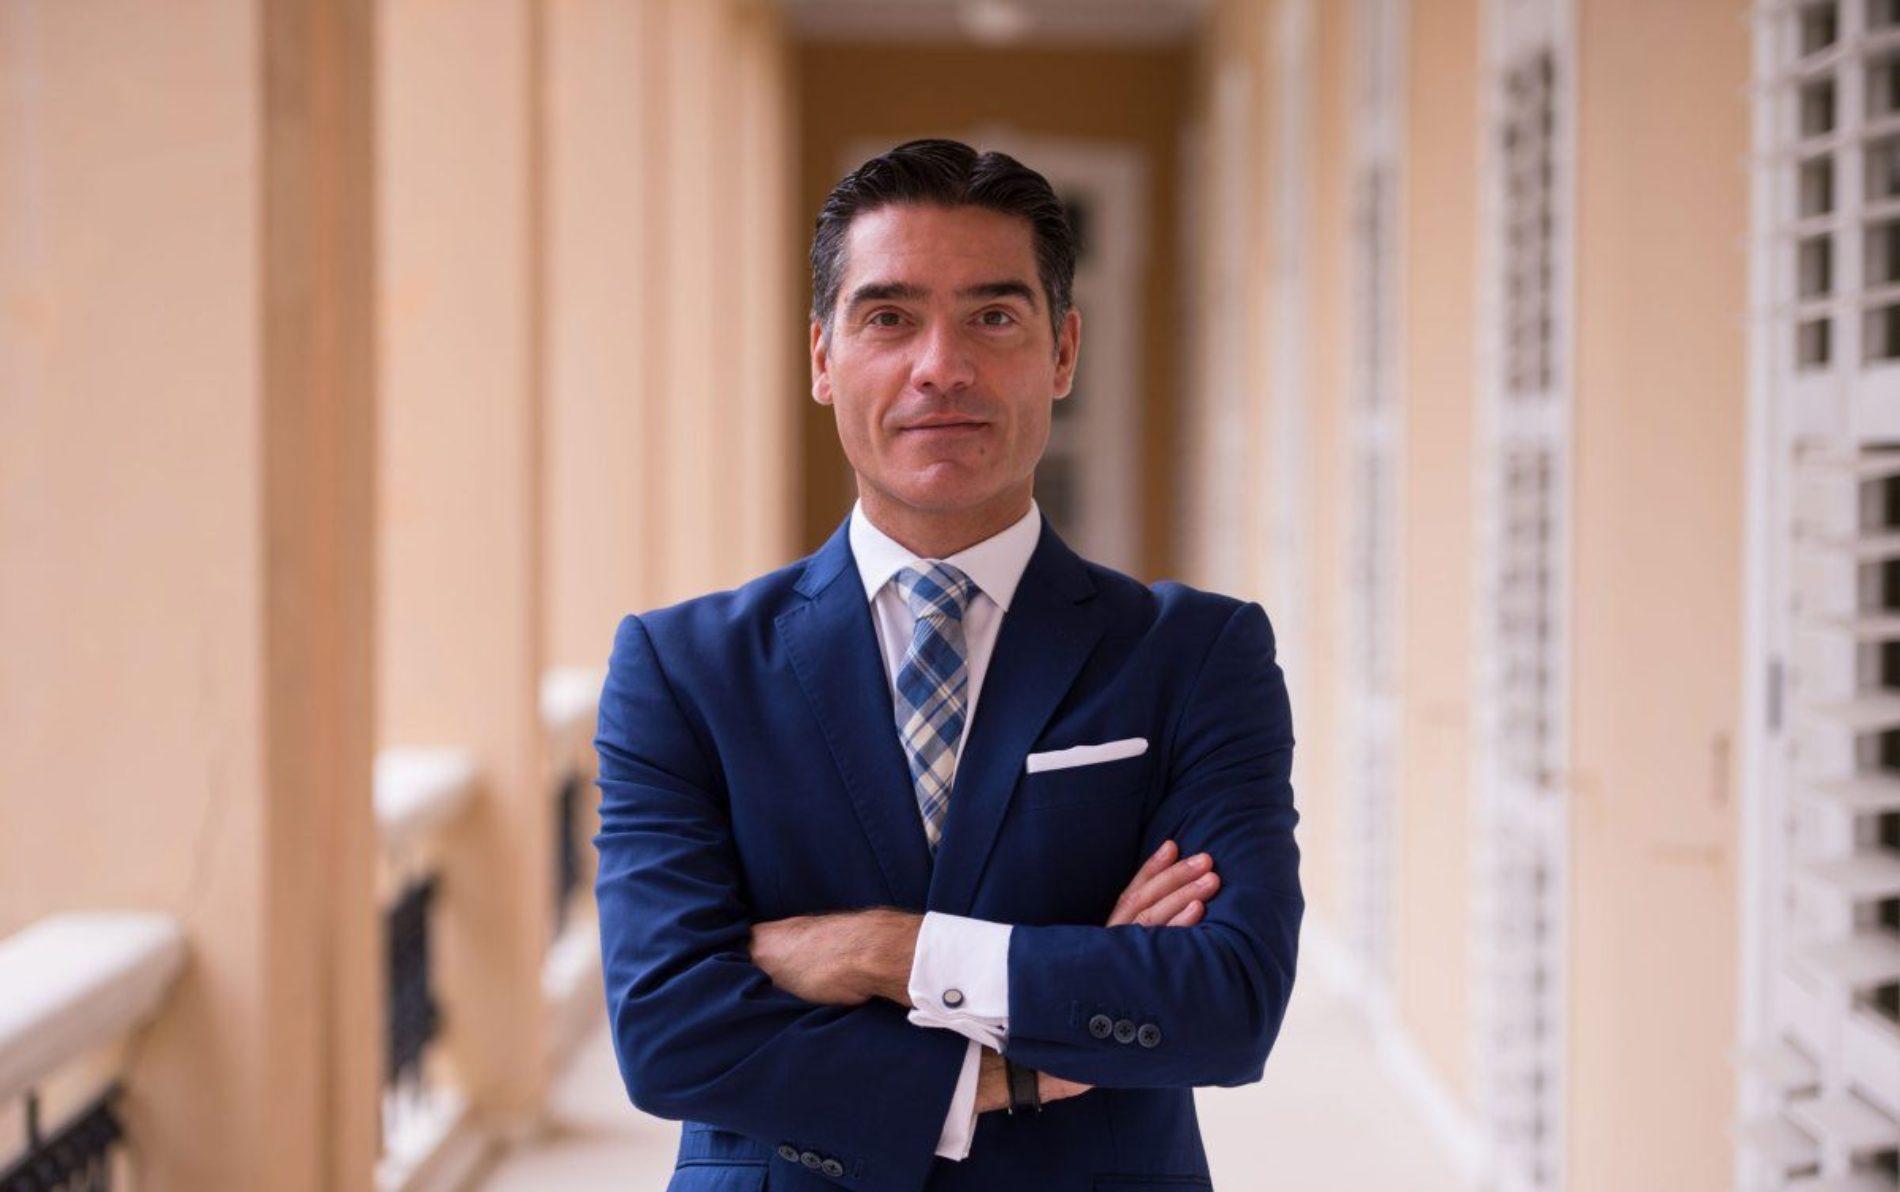 Embaixador Vítor Sereno, com ligações familiares a Oliveira do Hospital, vence prémio de diplomata económico do ano